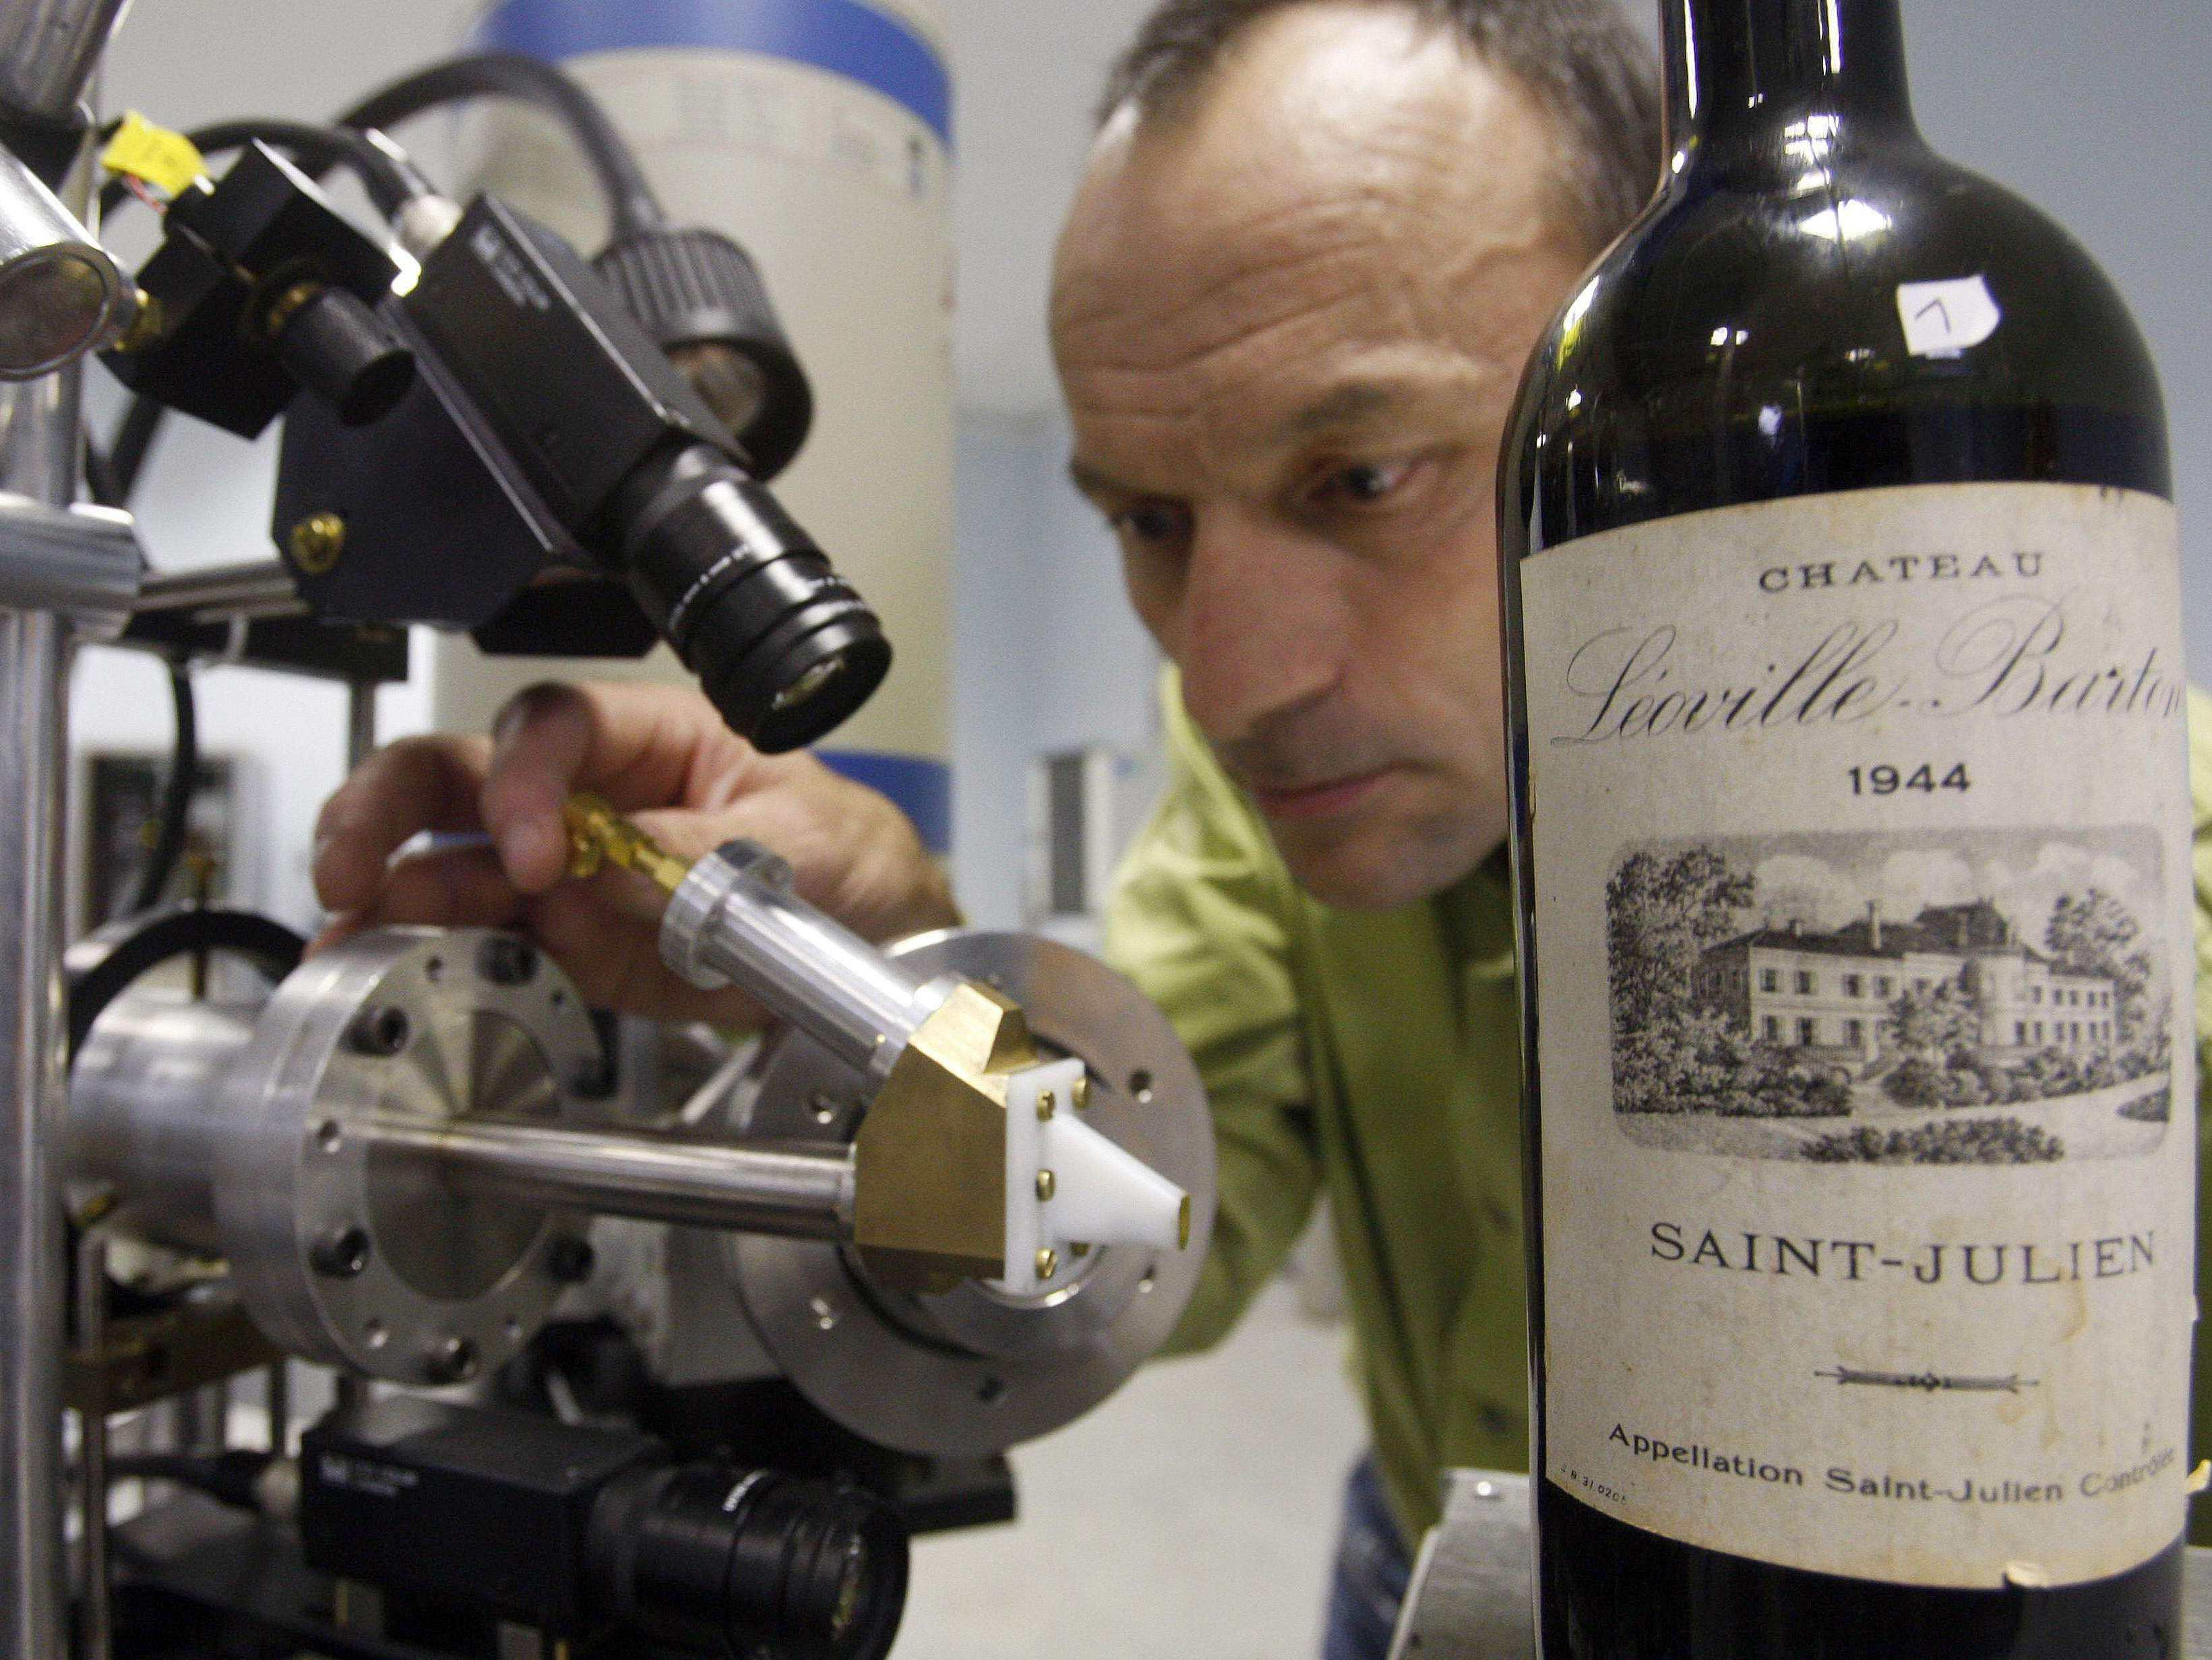 Herve Guegan of the Nuclear Research Centre of Bordeaux runs a test on a 1944 vintage bottle of Medoc wine. Photo: Regis Duvignau/Reuters /Landov